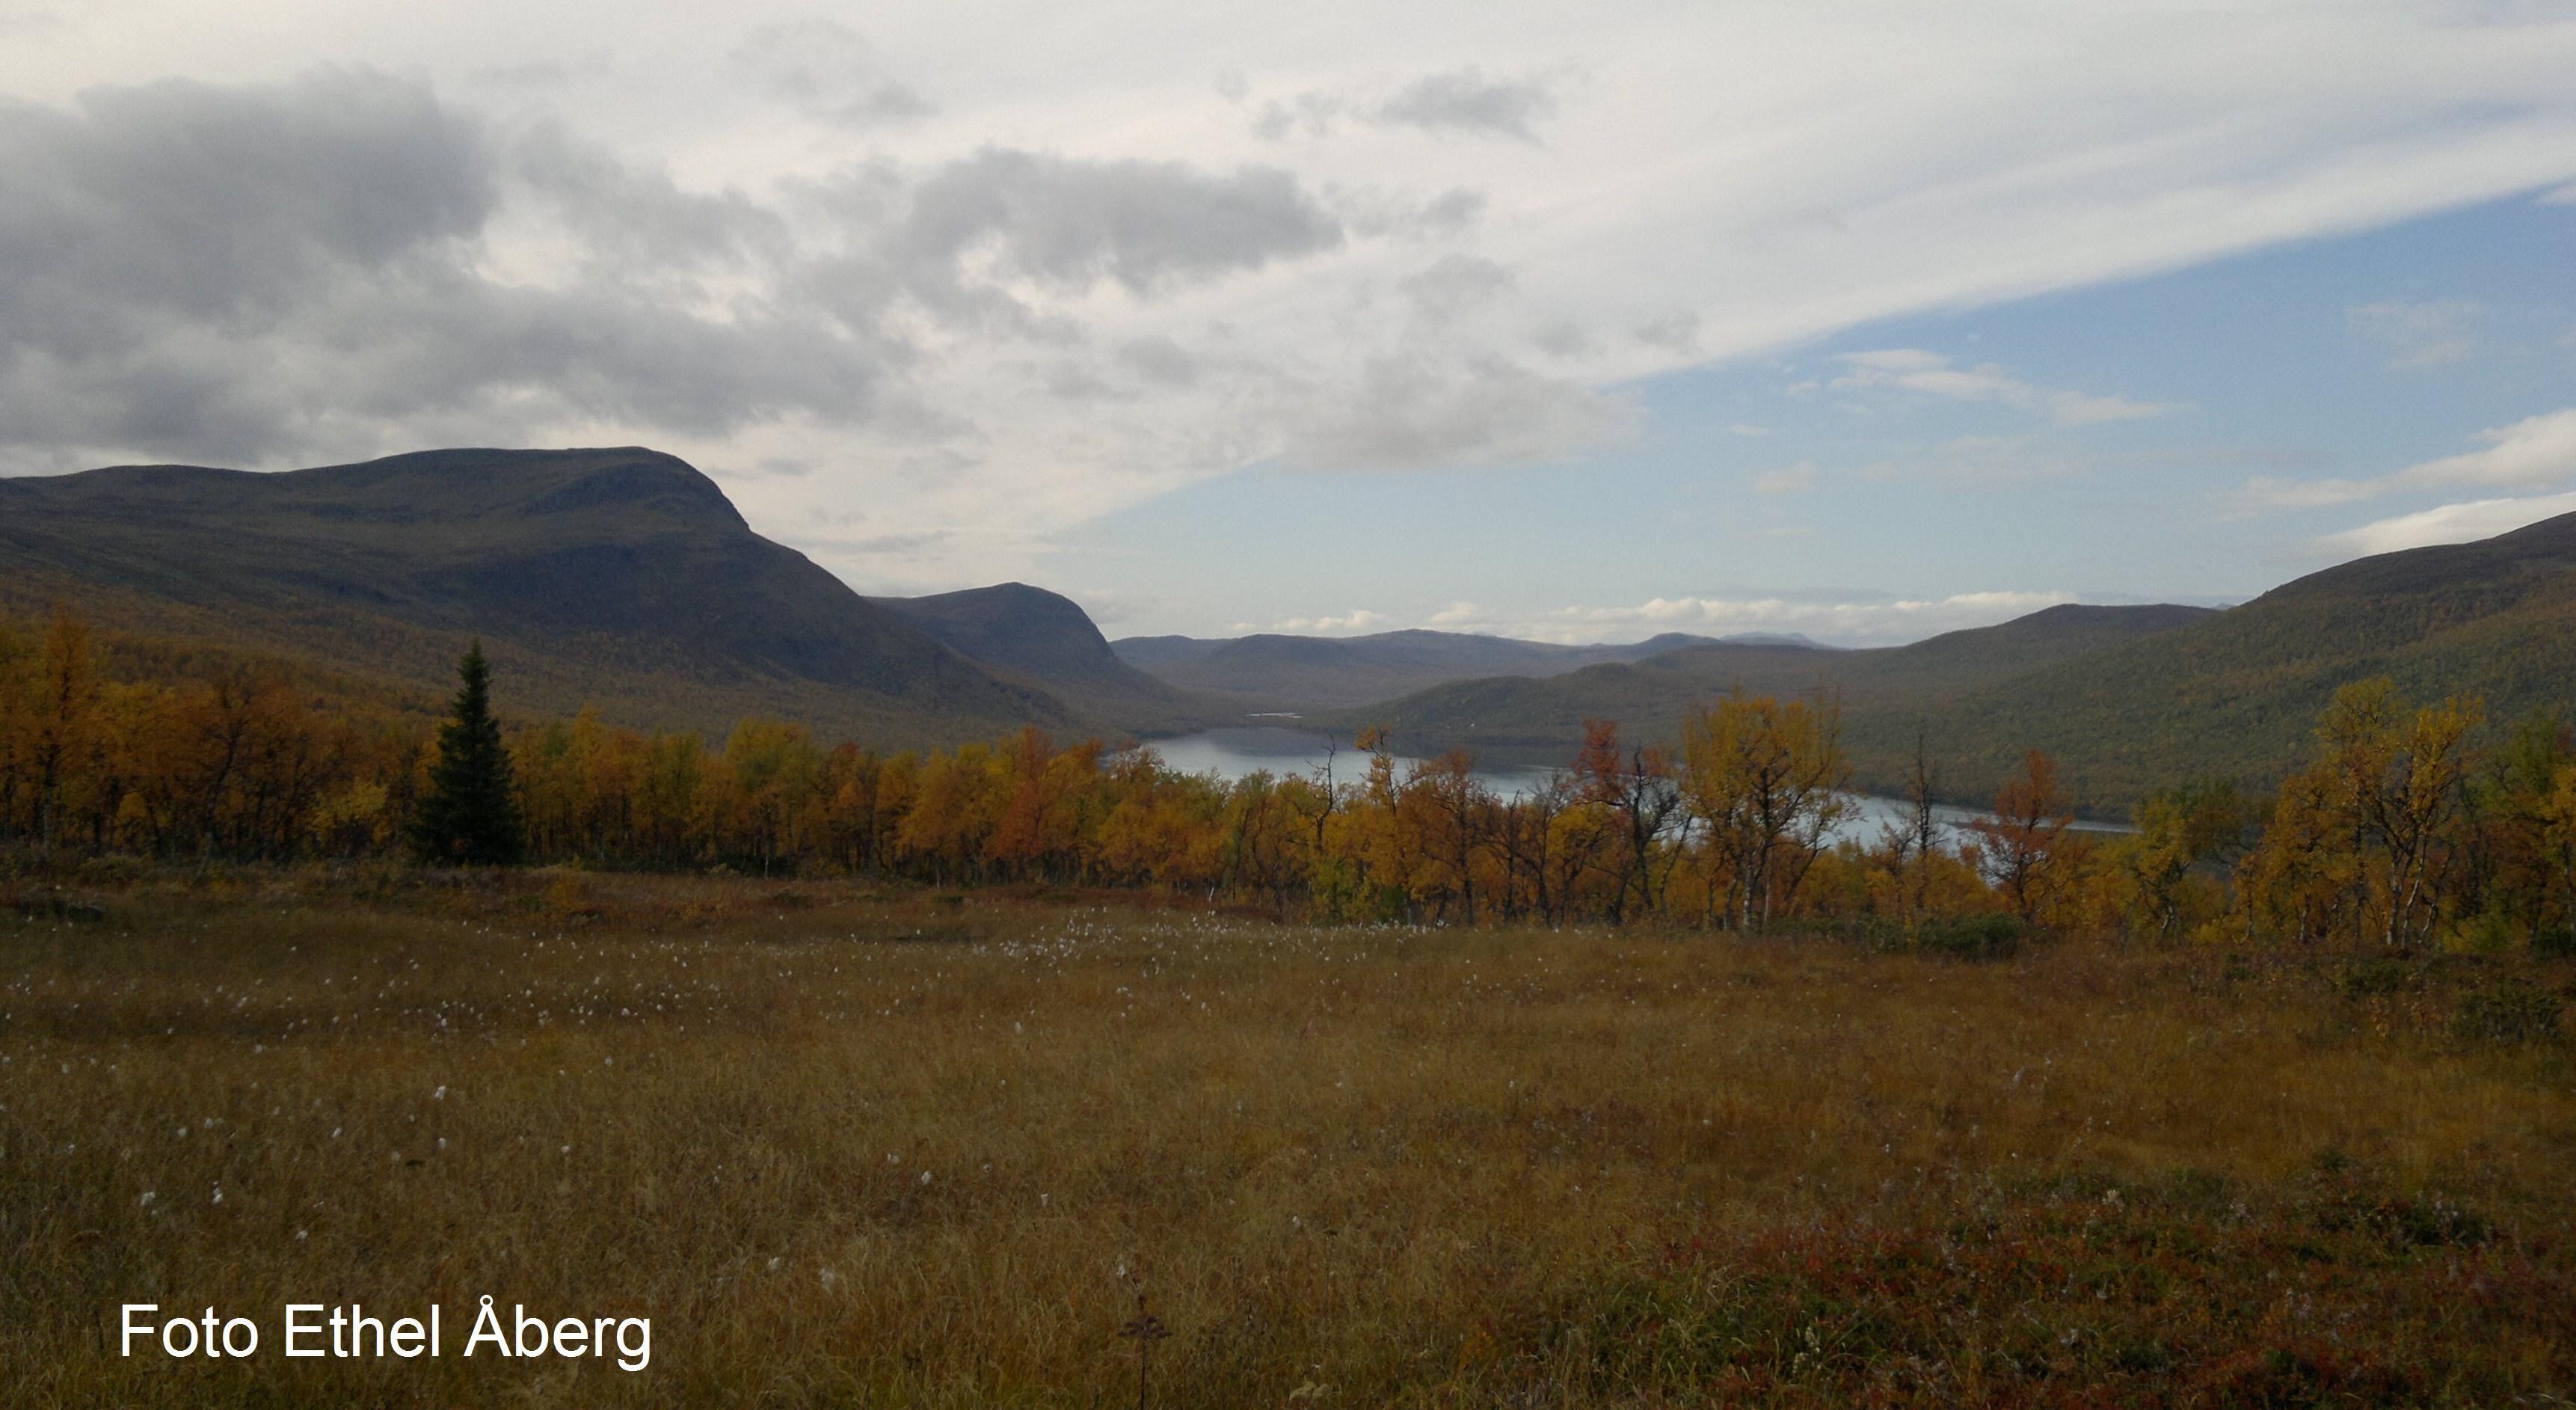 Ammarnäs tvådagars guidad vandringstur i Vindelfjällens naturreservat